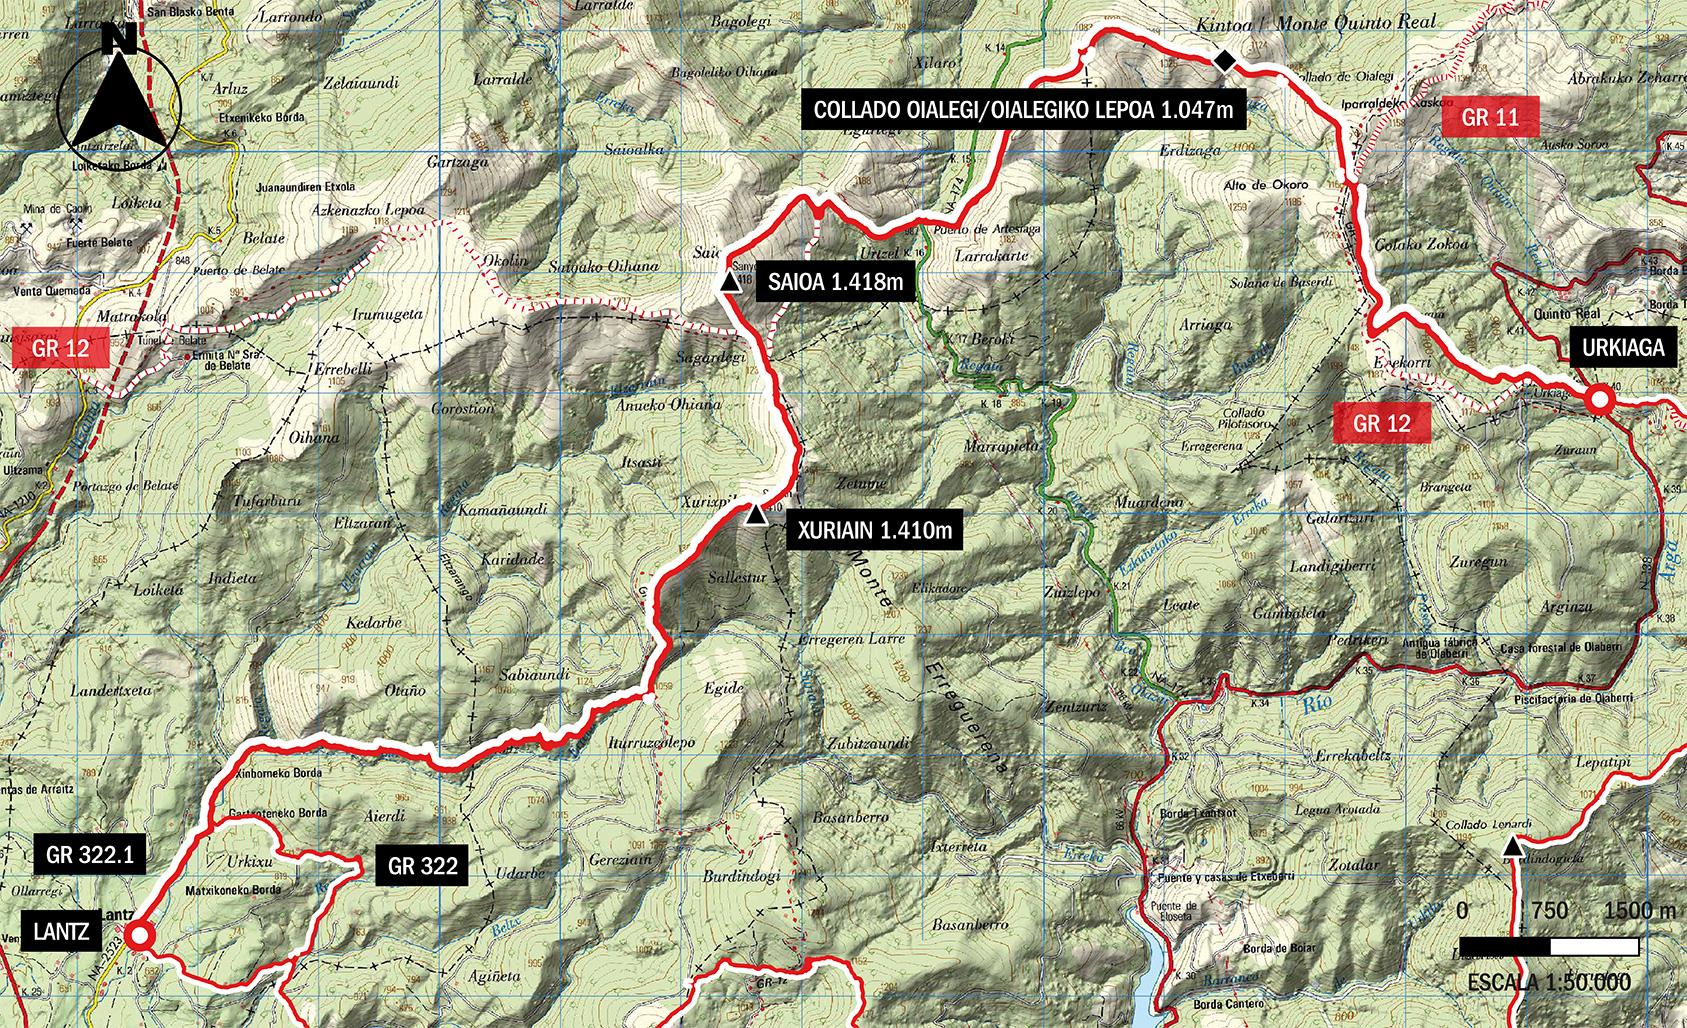 gr322 Mapa topográfico etapa 2